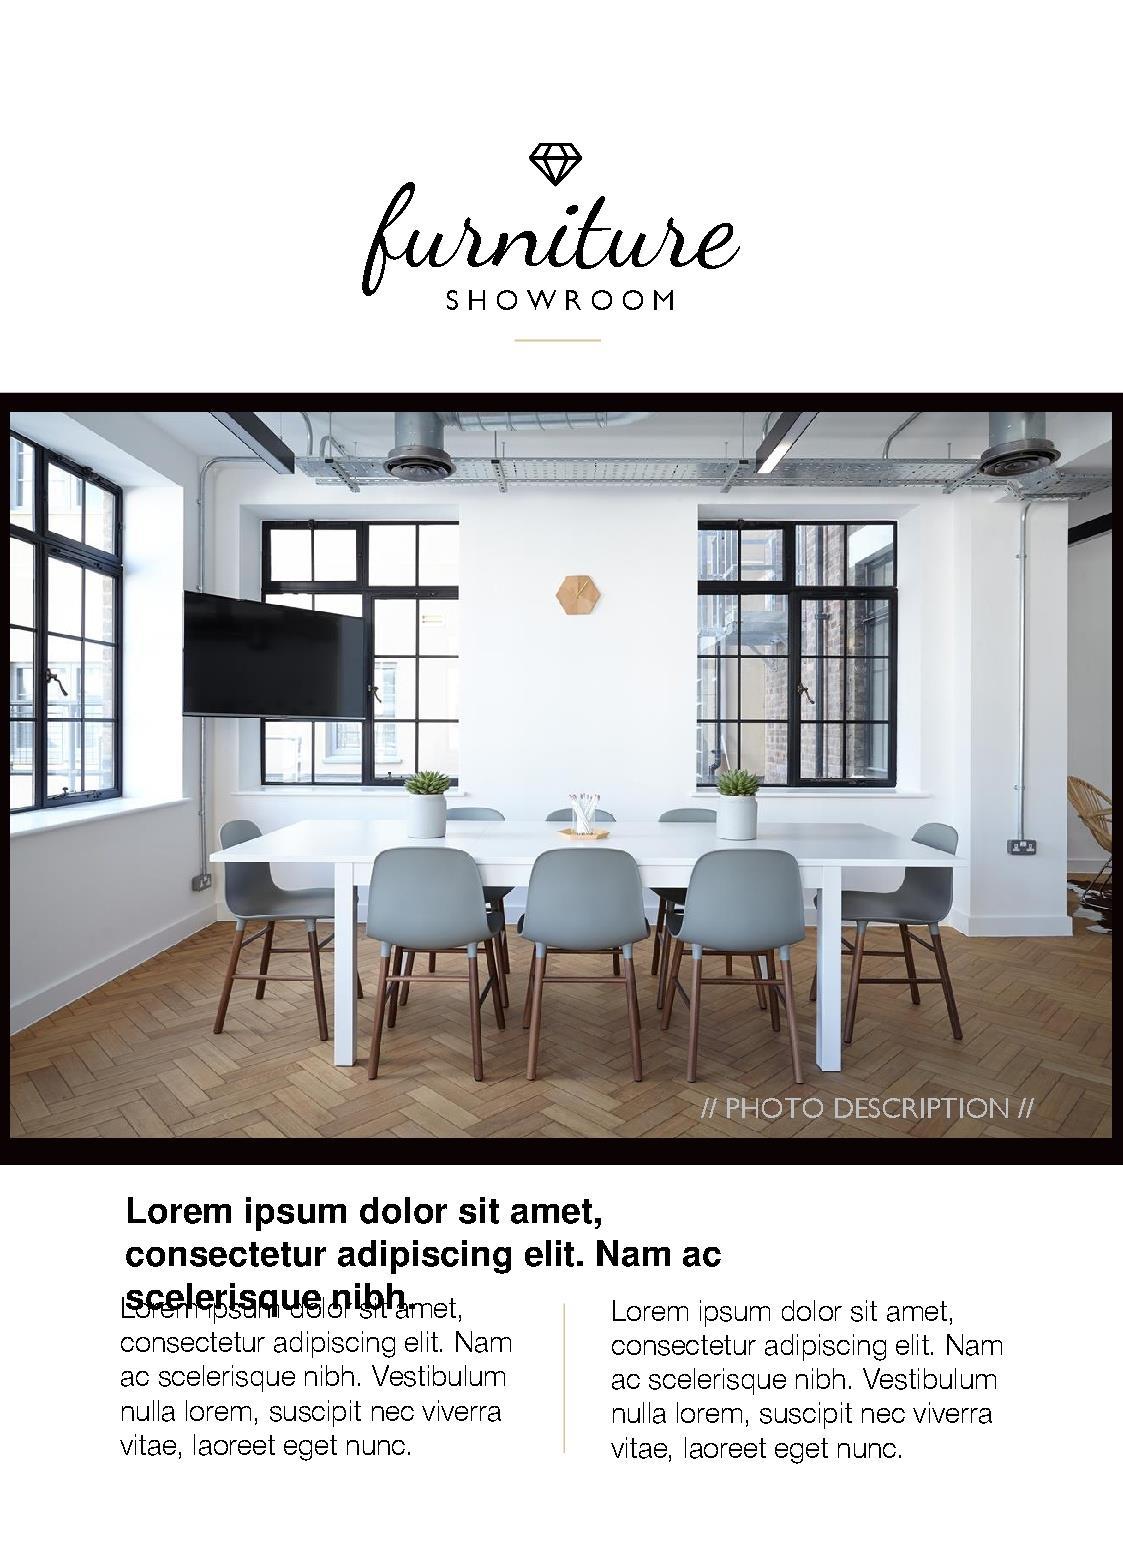 design leaflets for free